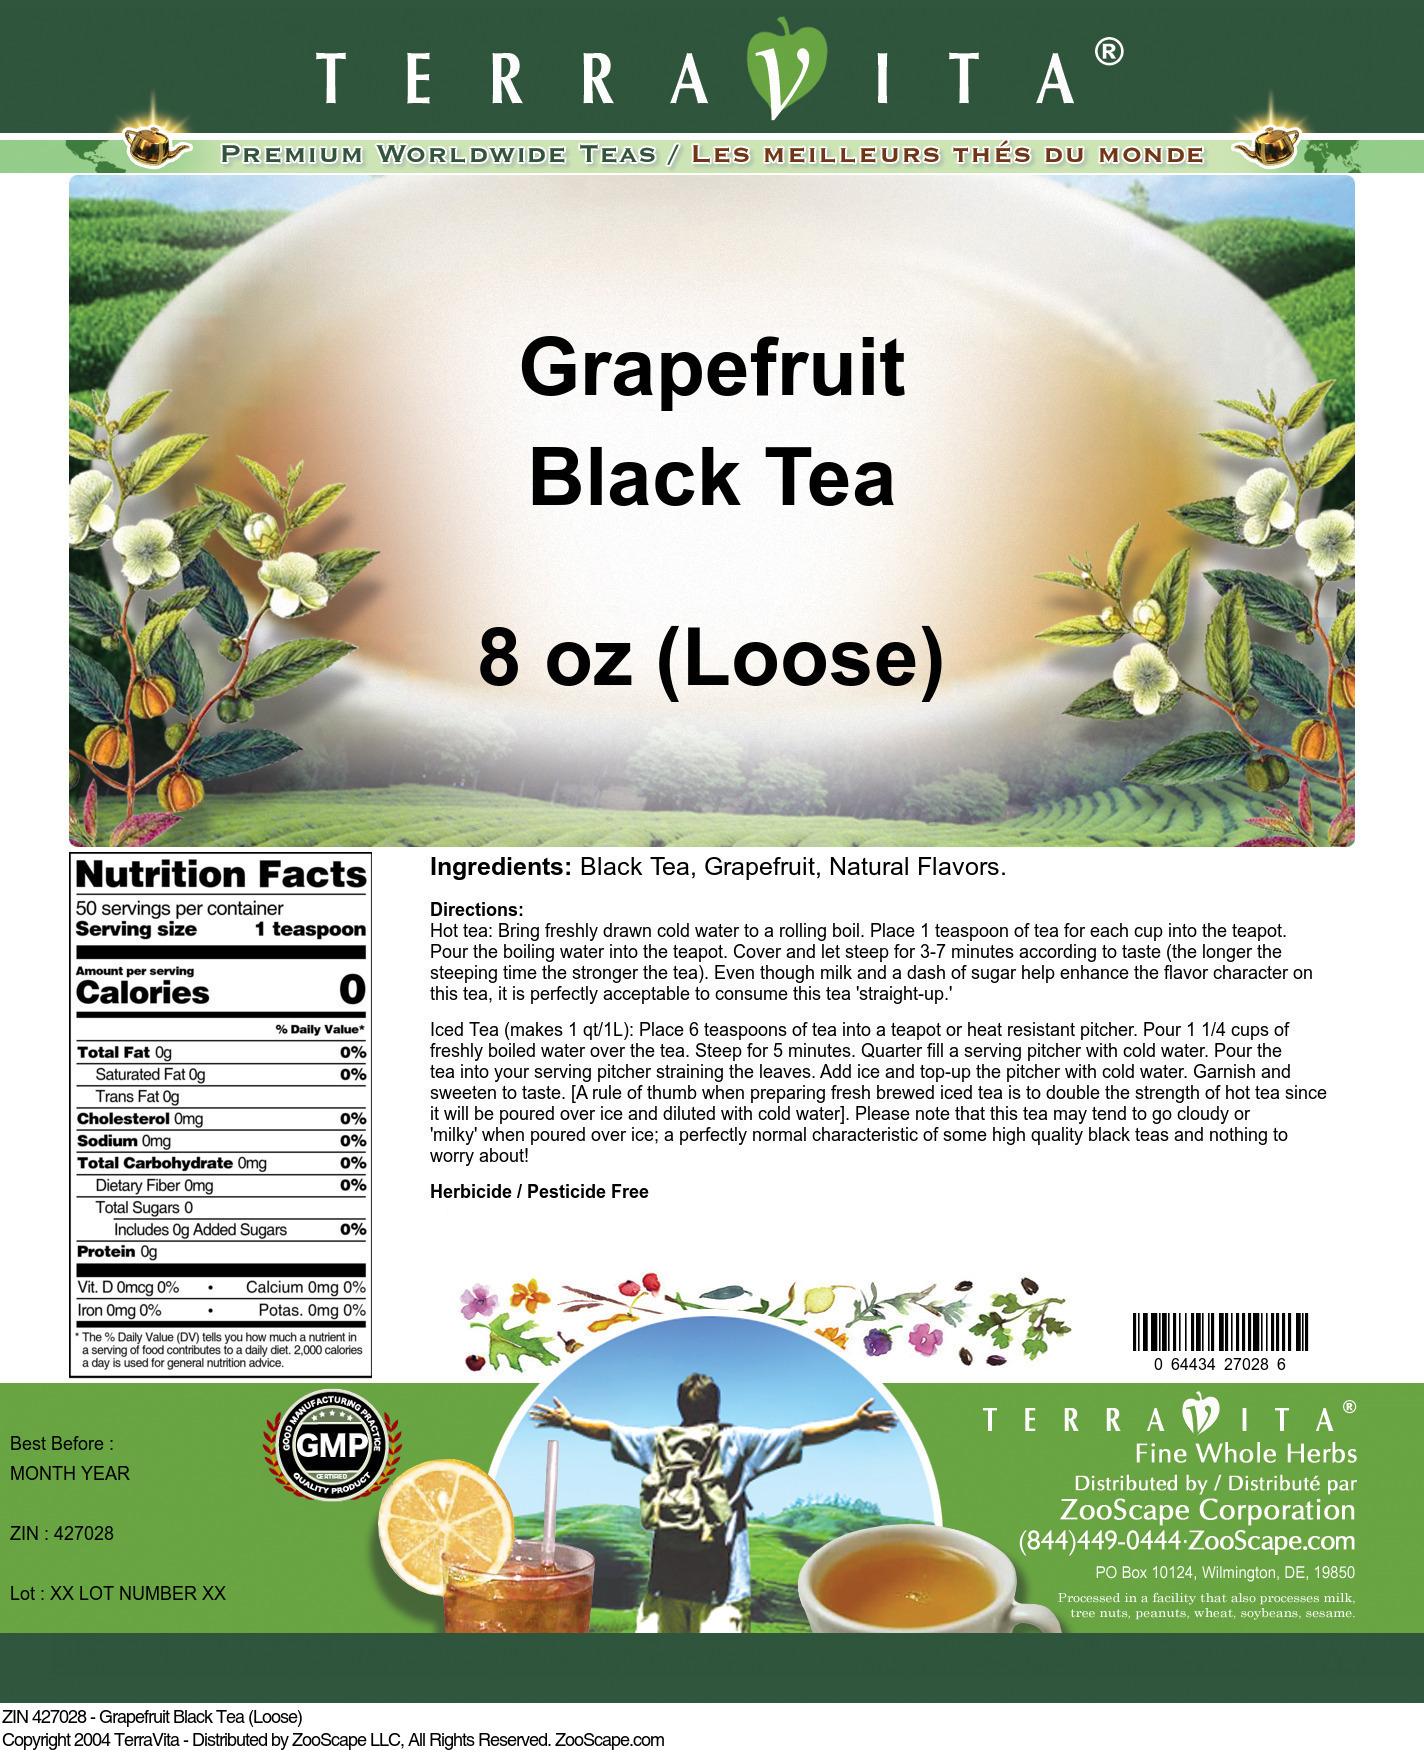 Grapefruit Black Tea (Loose)